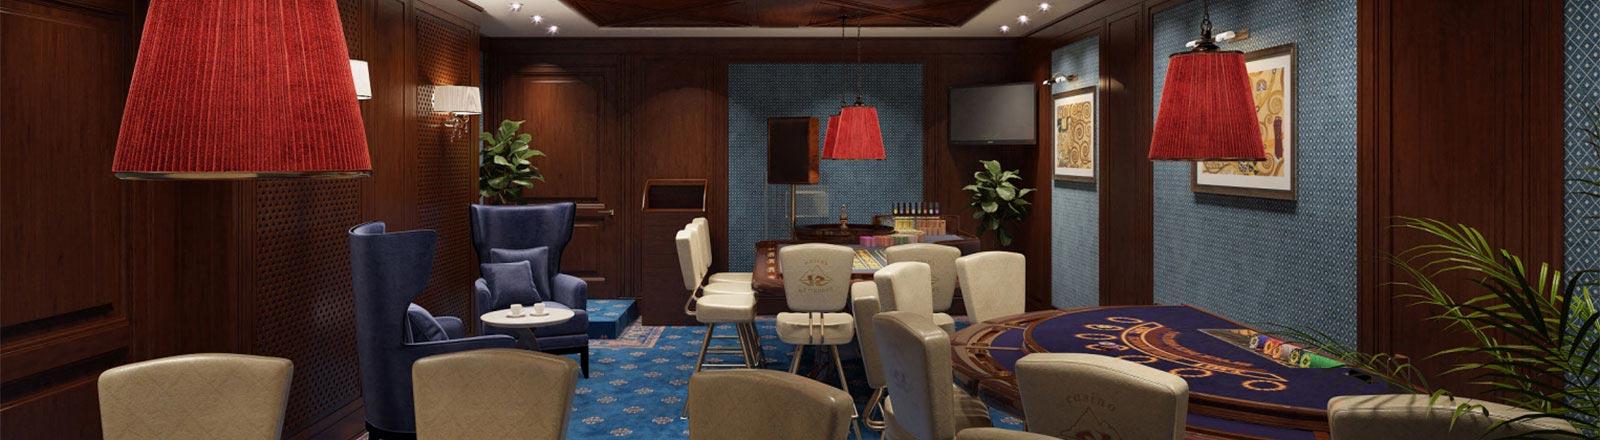 в Риге откроется казино сети Шангри Ла - фото 2